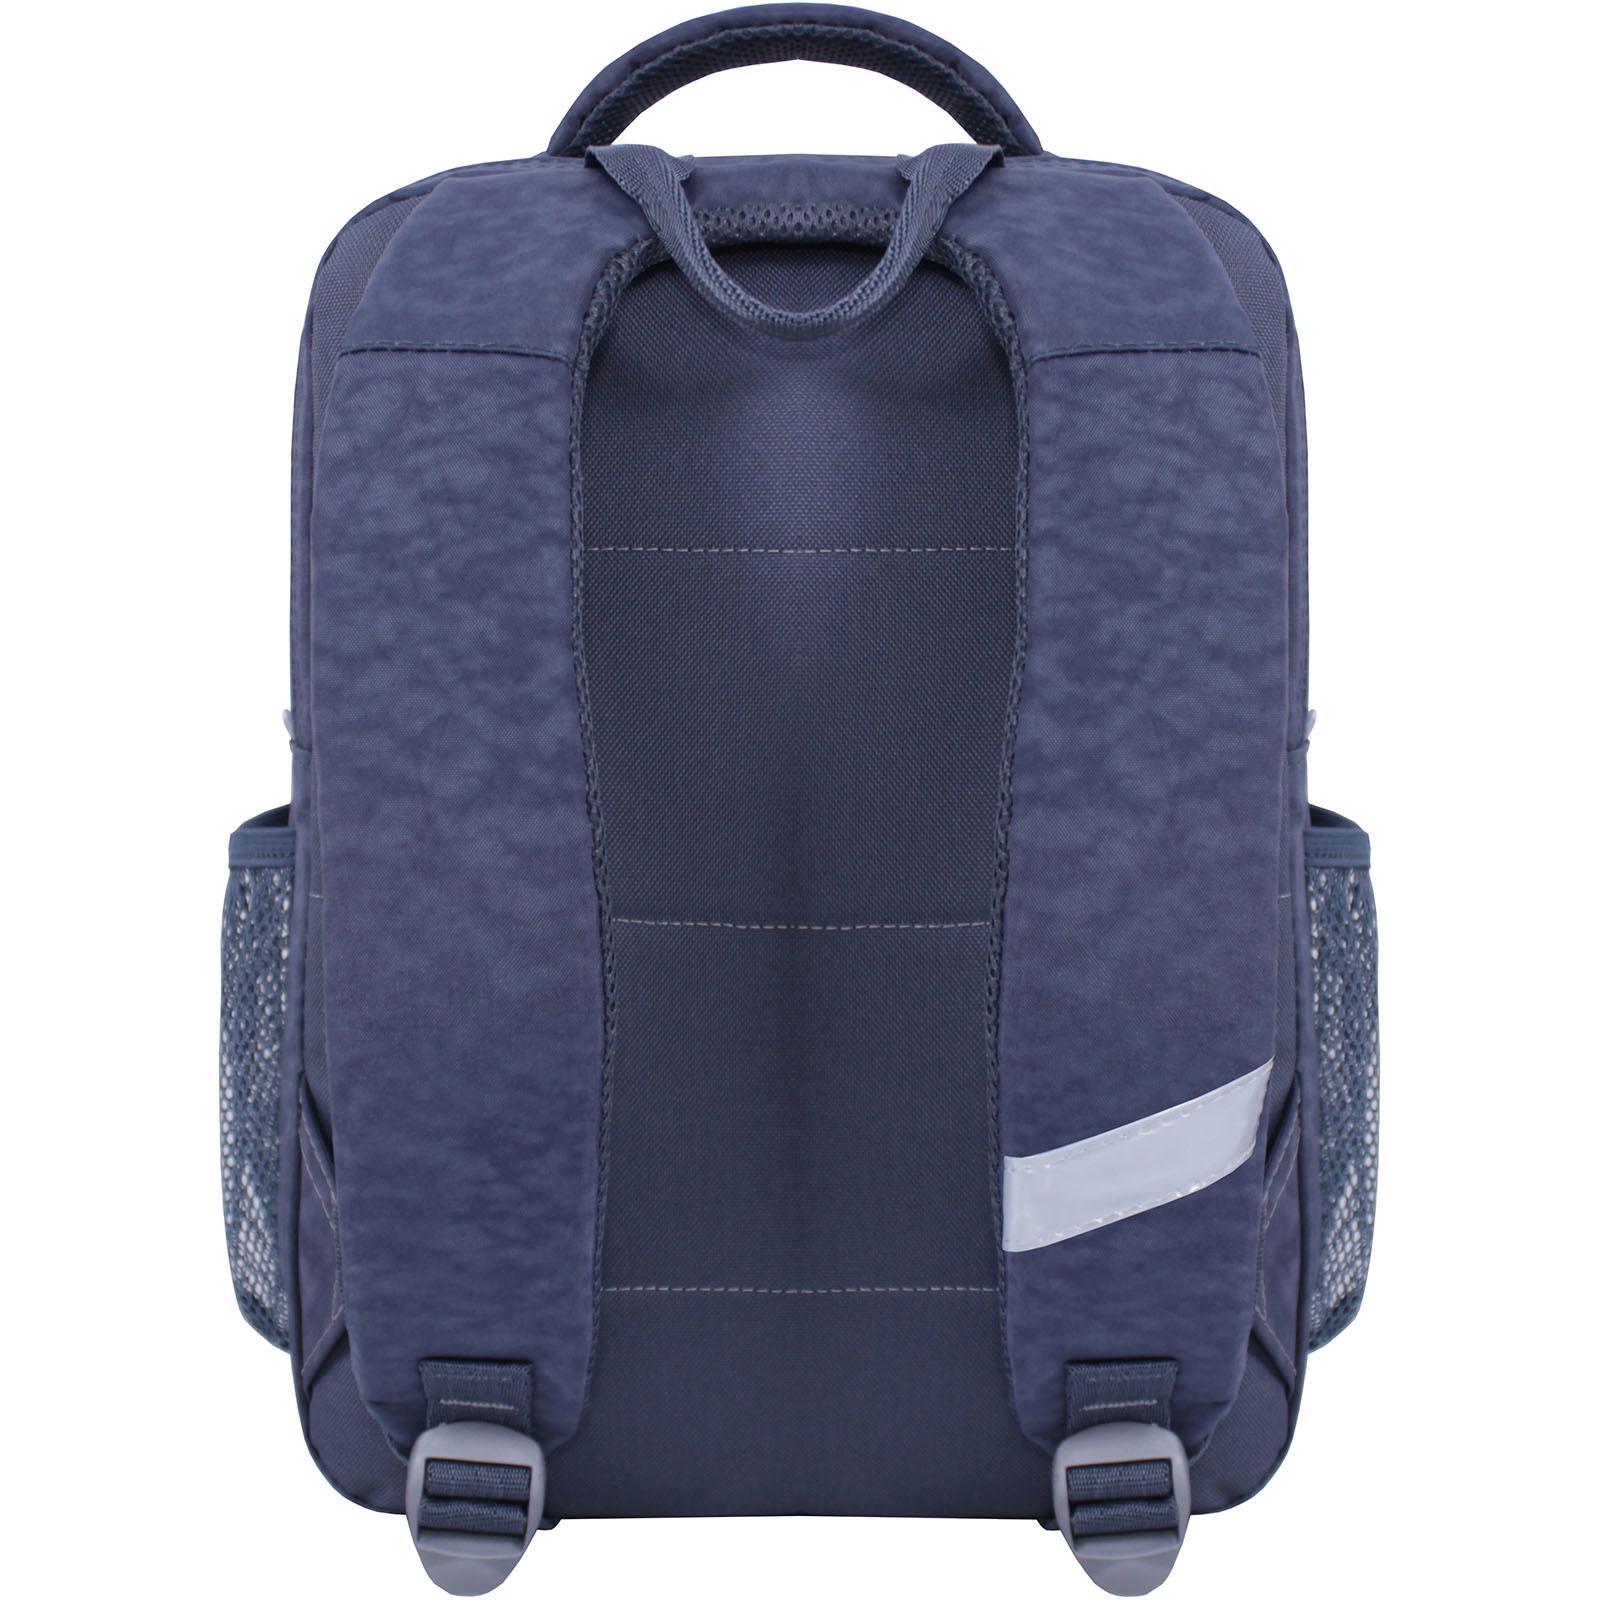 Рюкзак школьный Bagland Школьник 8 л. 321 серый 511 (00112702) фото 3